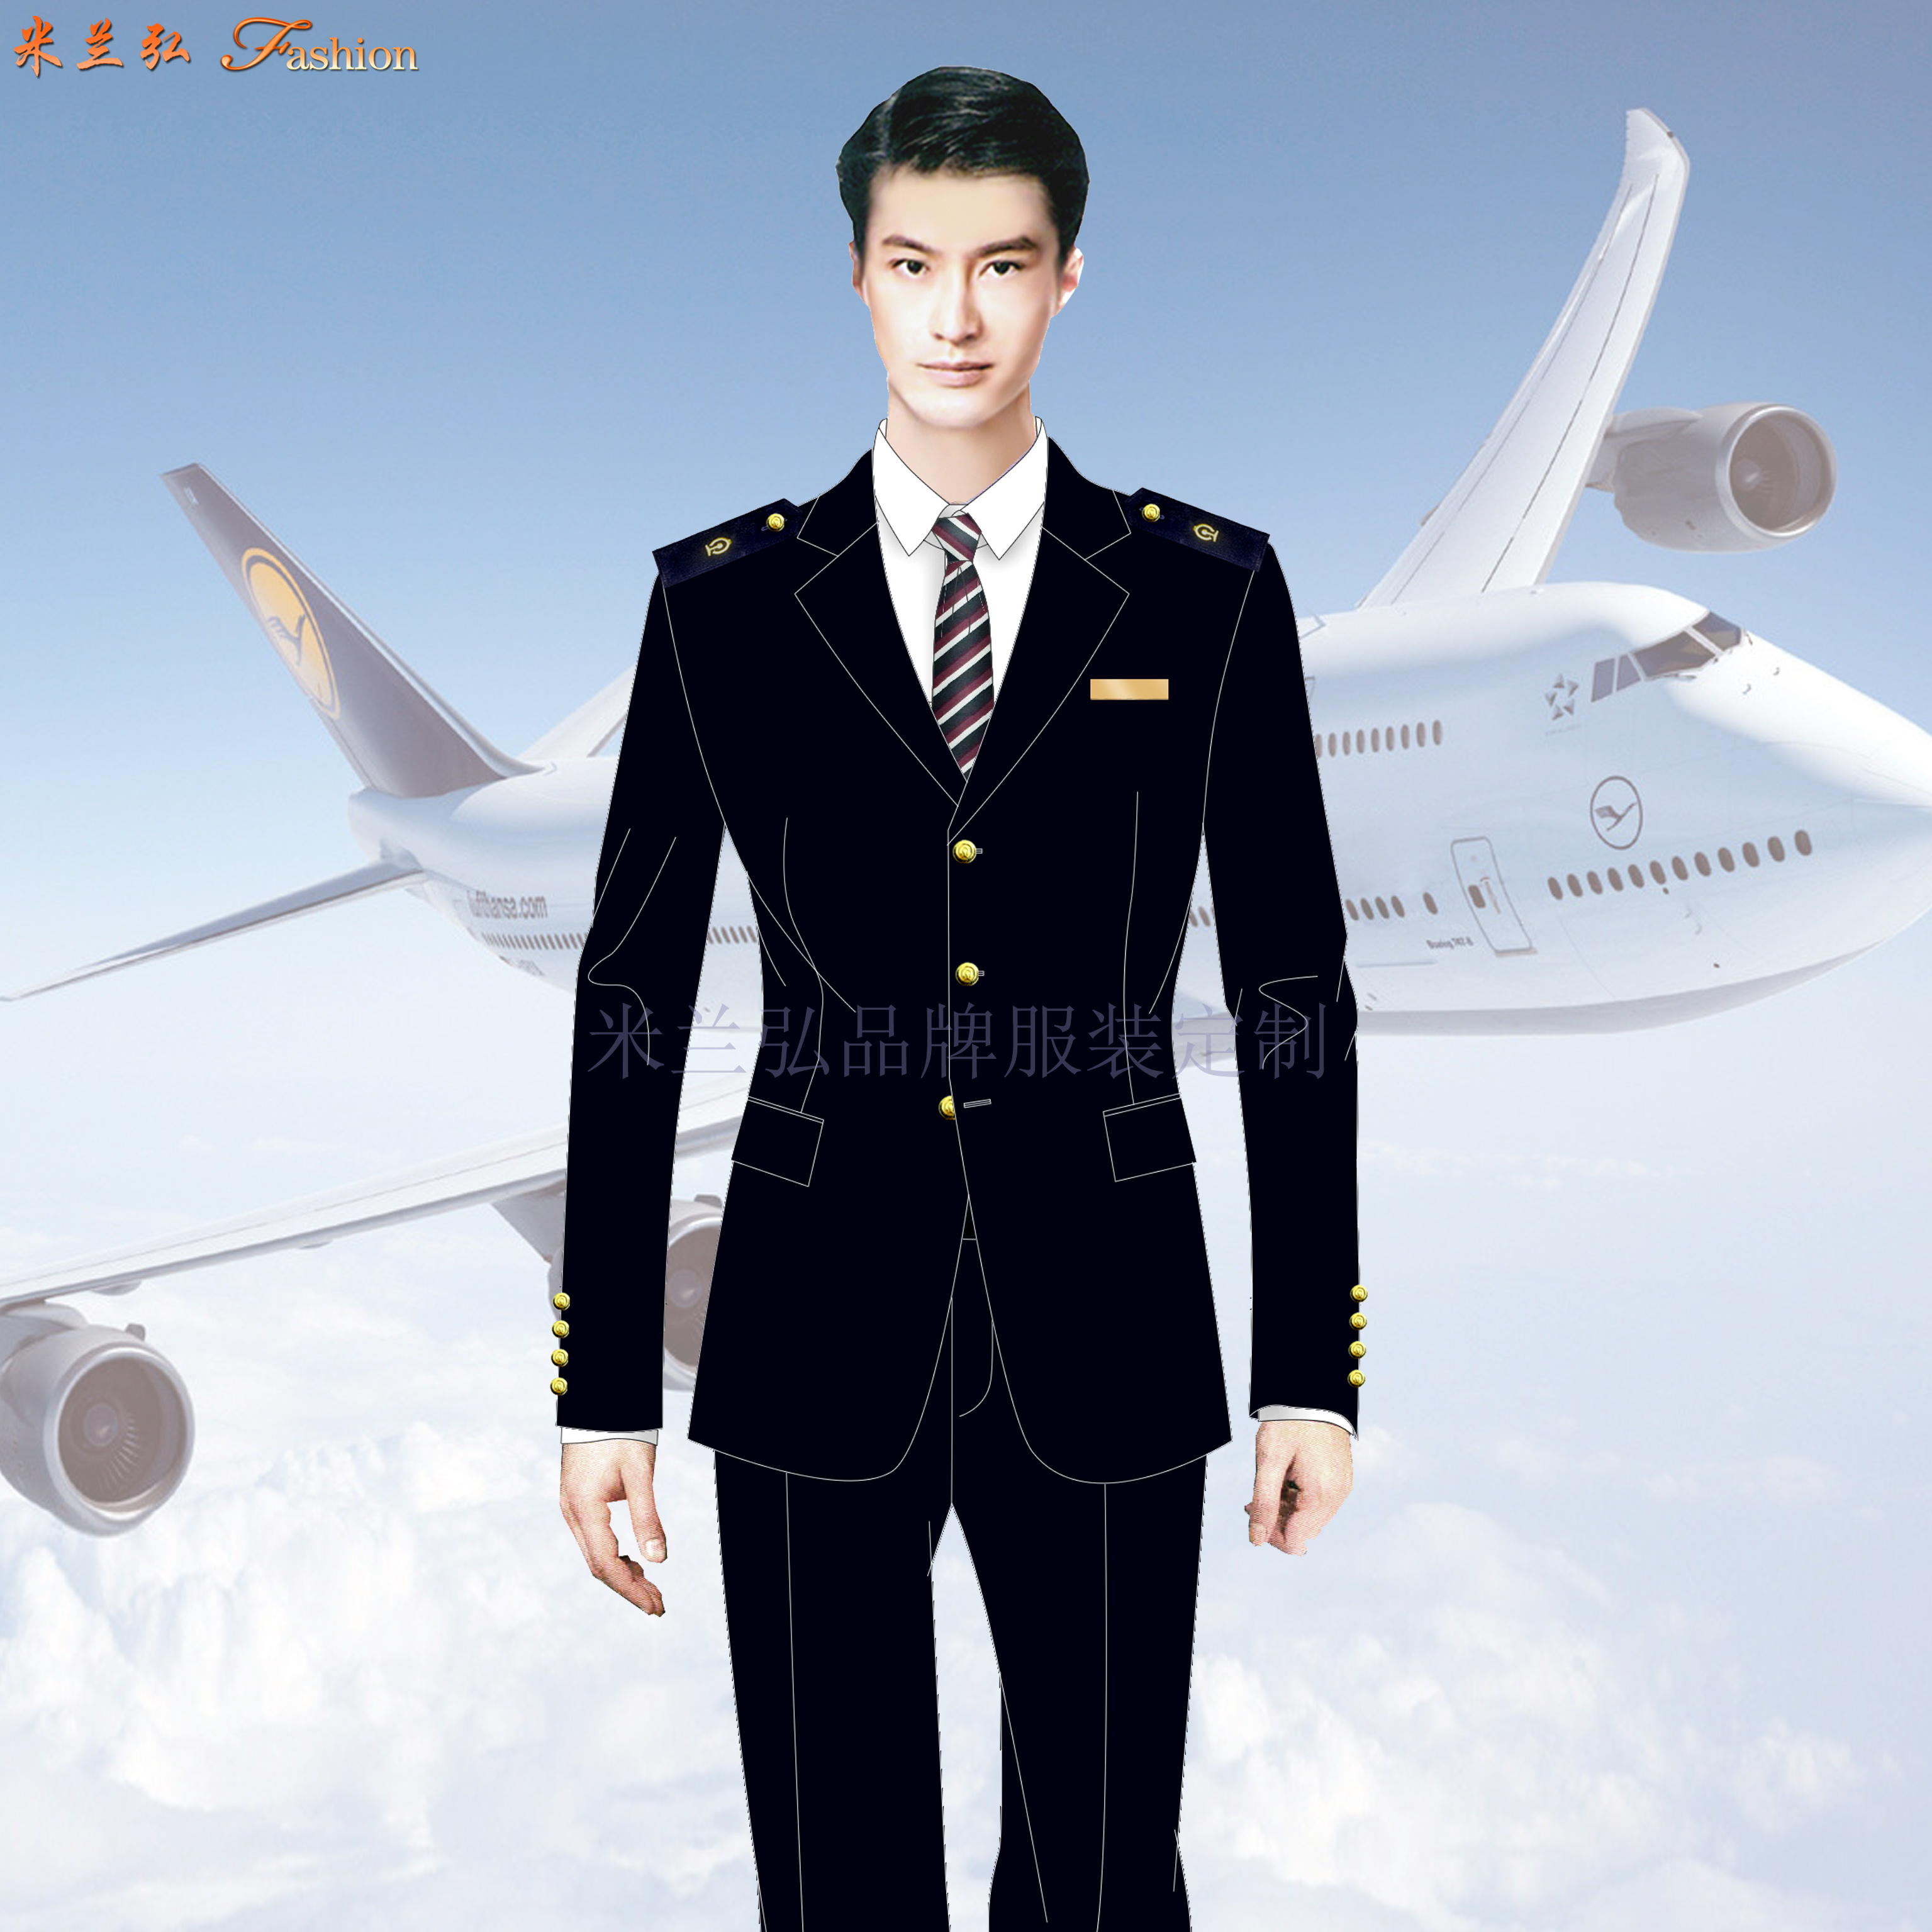 貴州空姐服定製-畢節機場機務服定做-湖北快3廠家-5